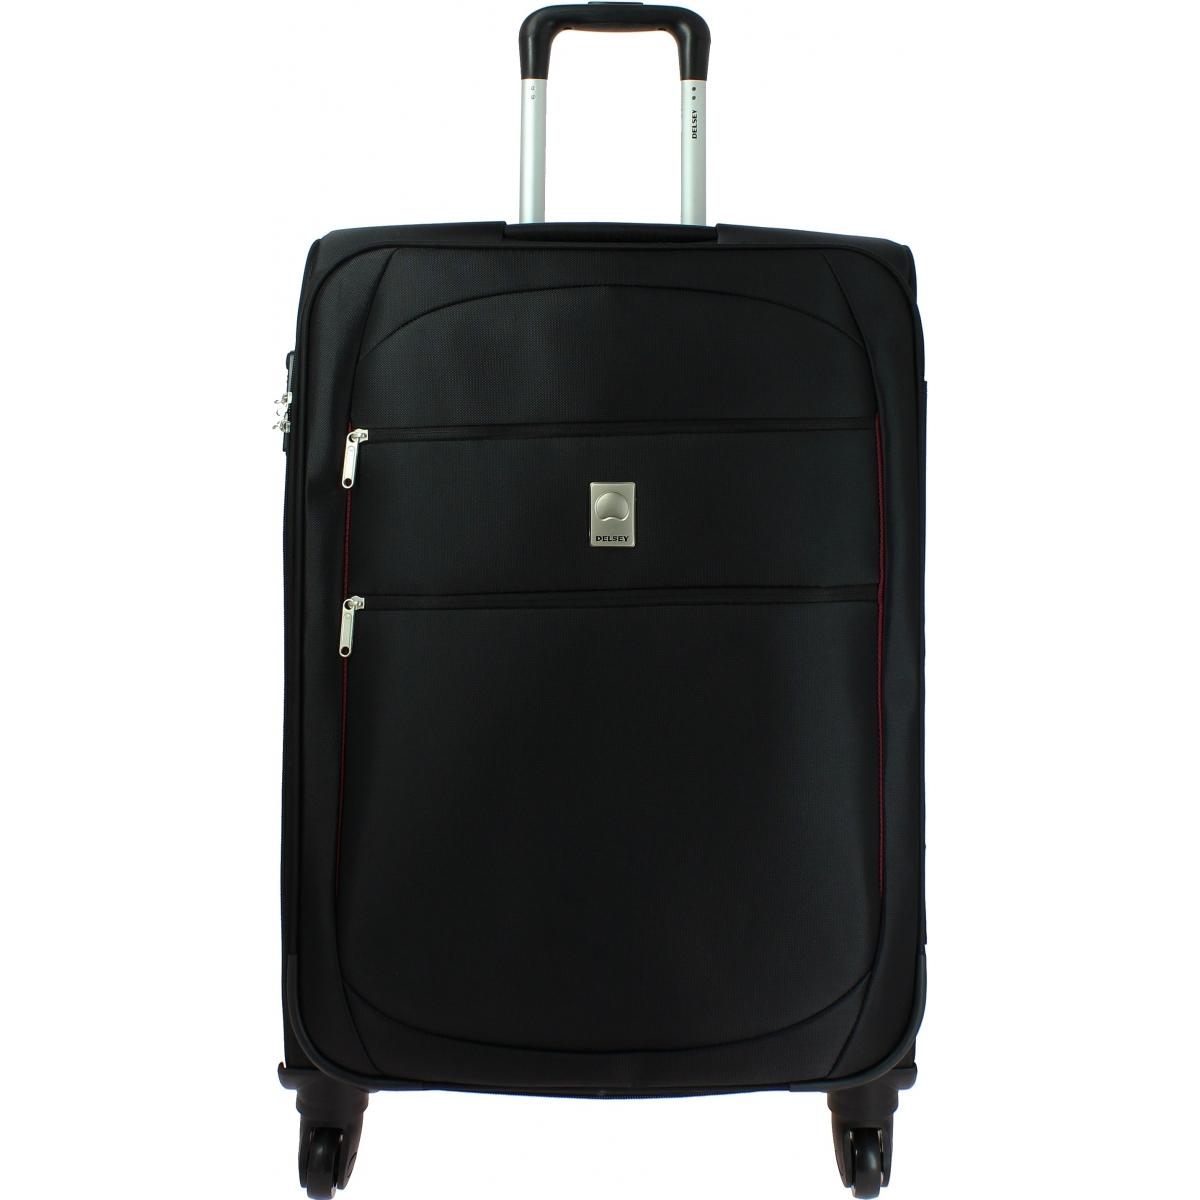 valise souple tsa delsey trip 68cm trip810 couleur principale noir valise pas cher solde. Black Bedroom Furniture Sets. Home Design Ideas